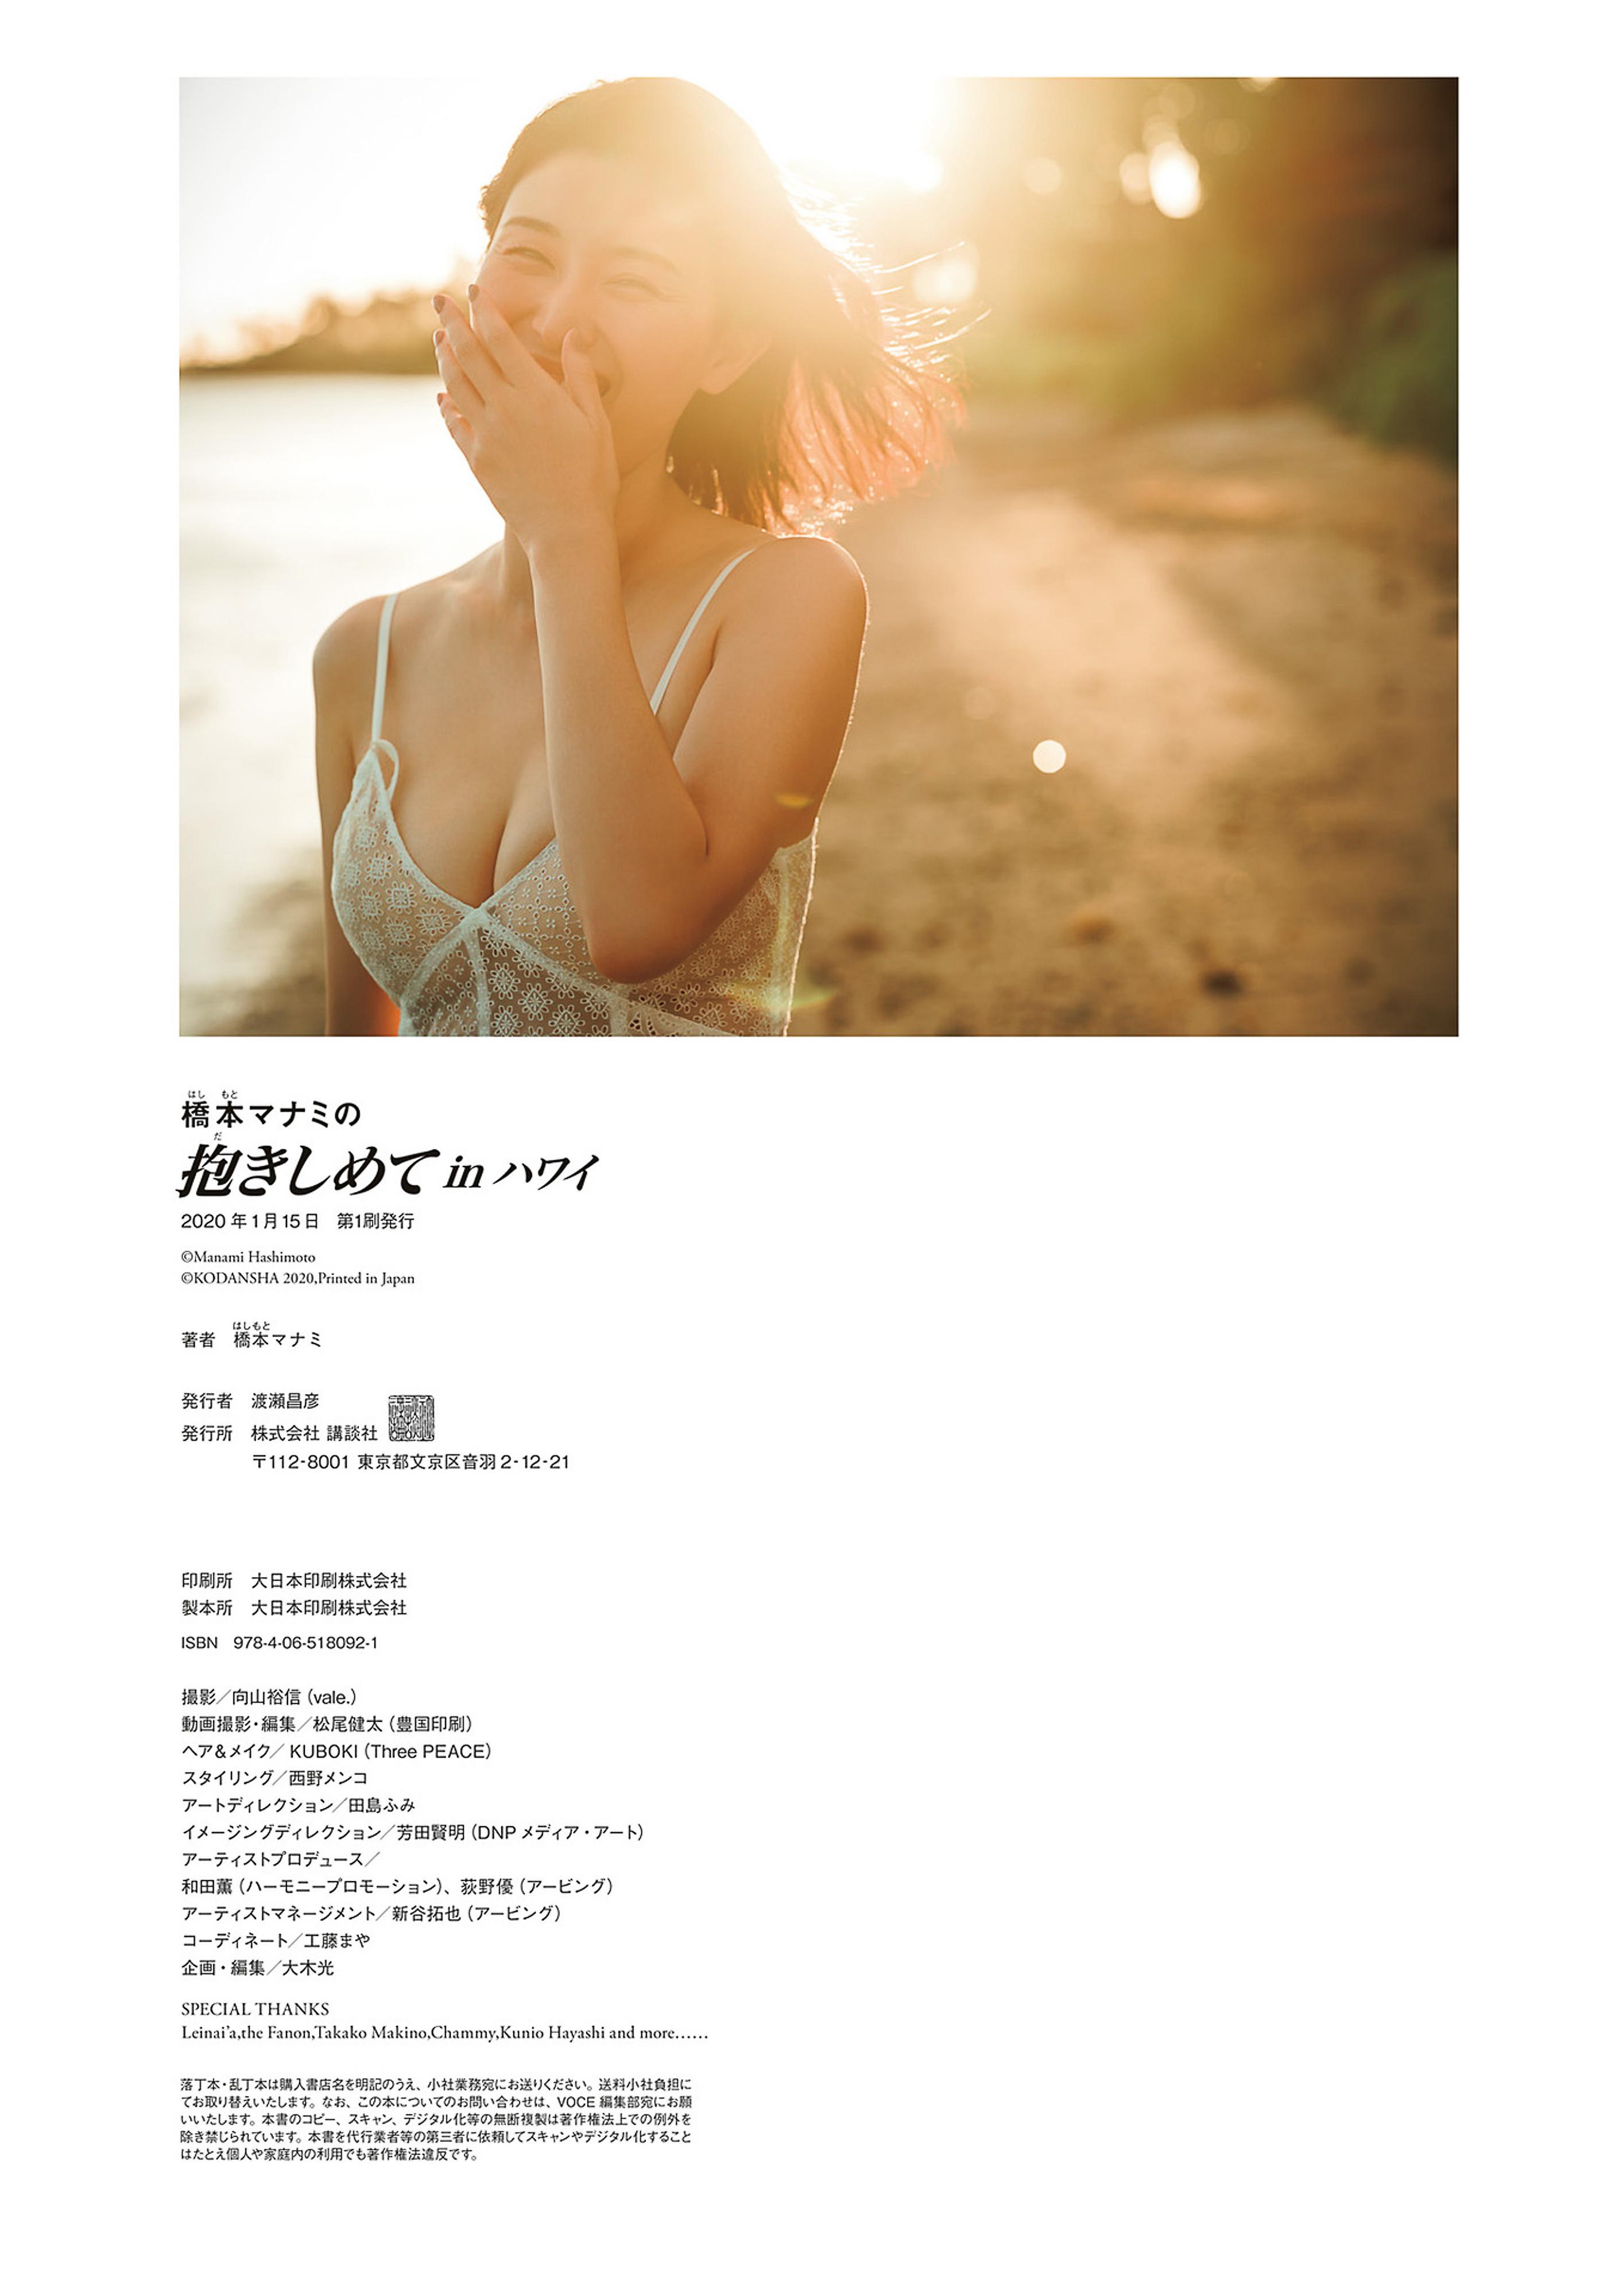 Hashimoto-Manami-db-hugging-in-Hawaii-165